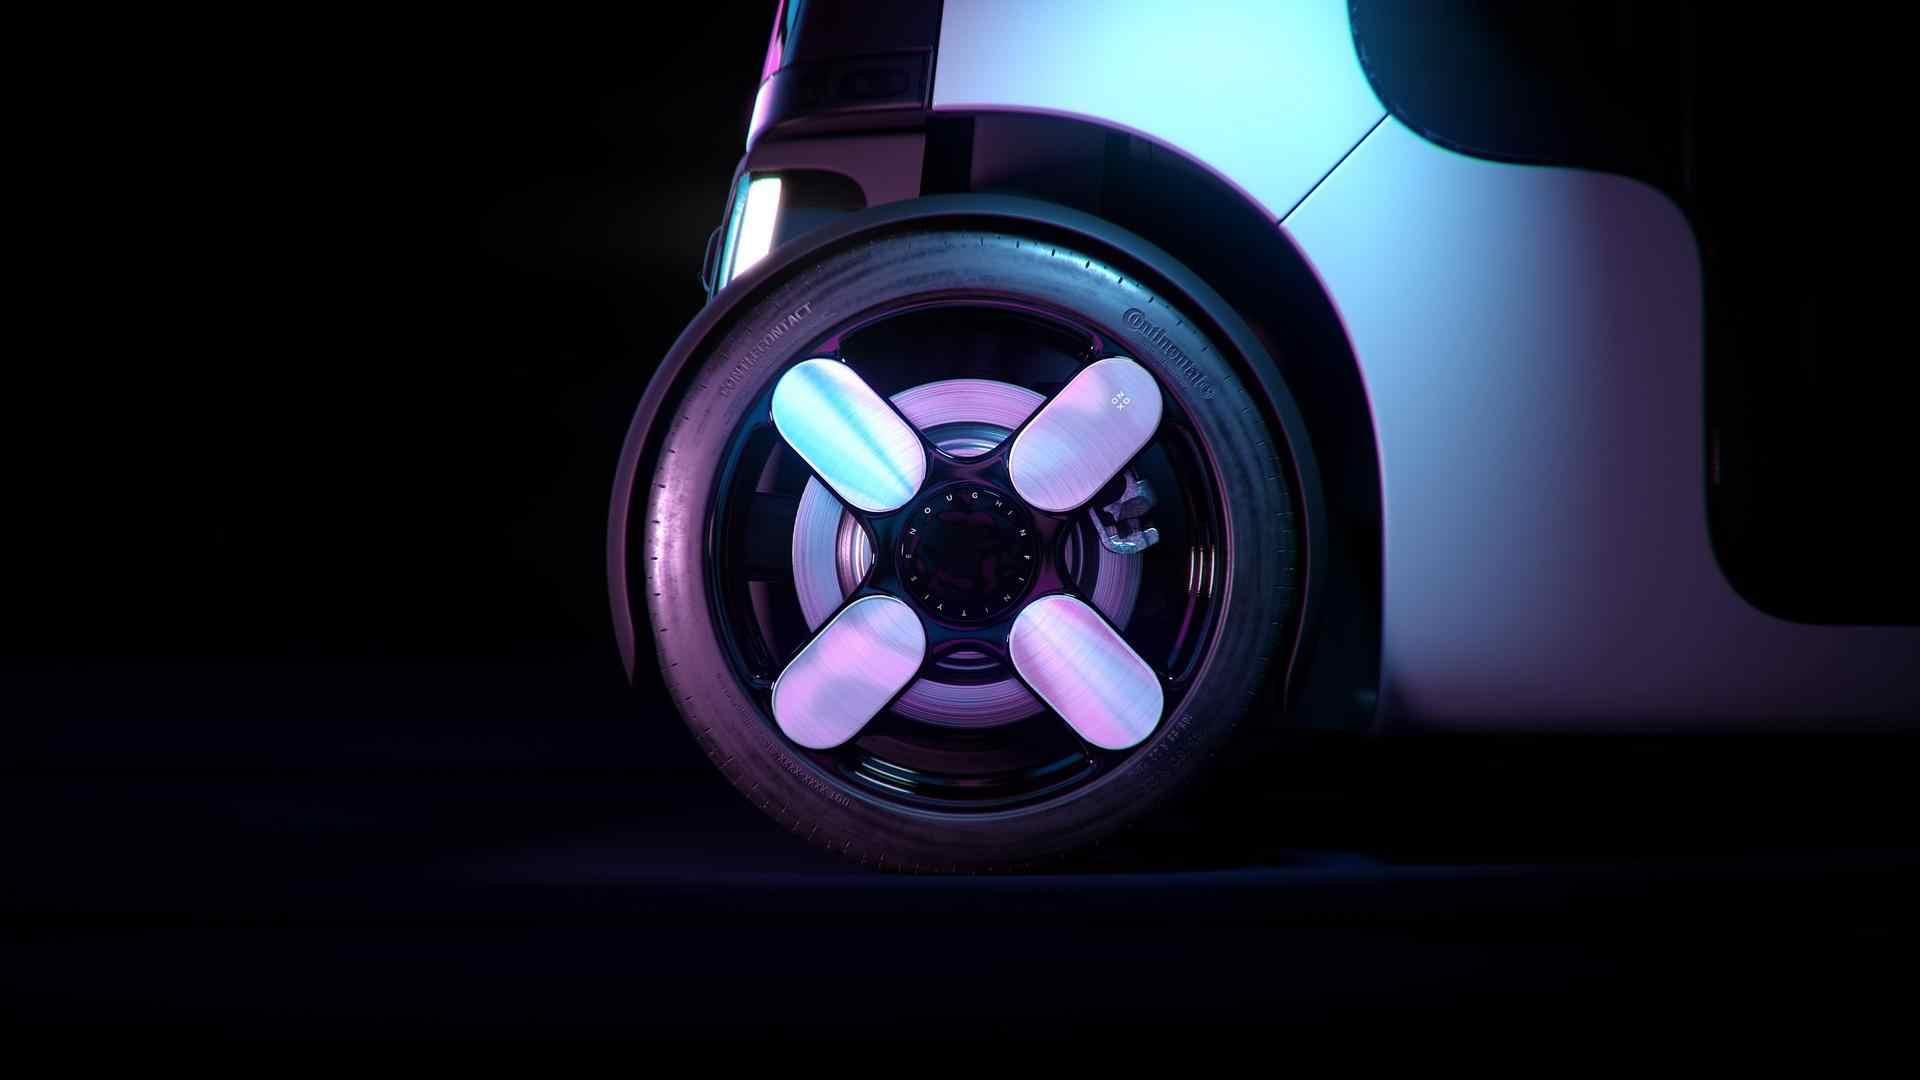 Zoox-Autonomous-Vehicle-Reveal-Wheel-Detail